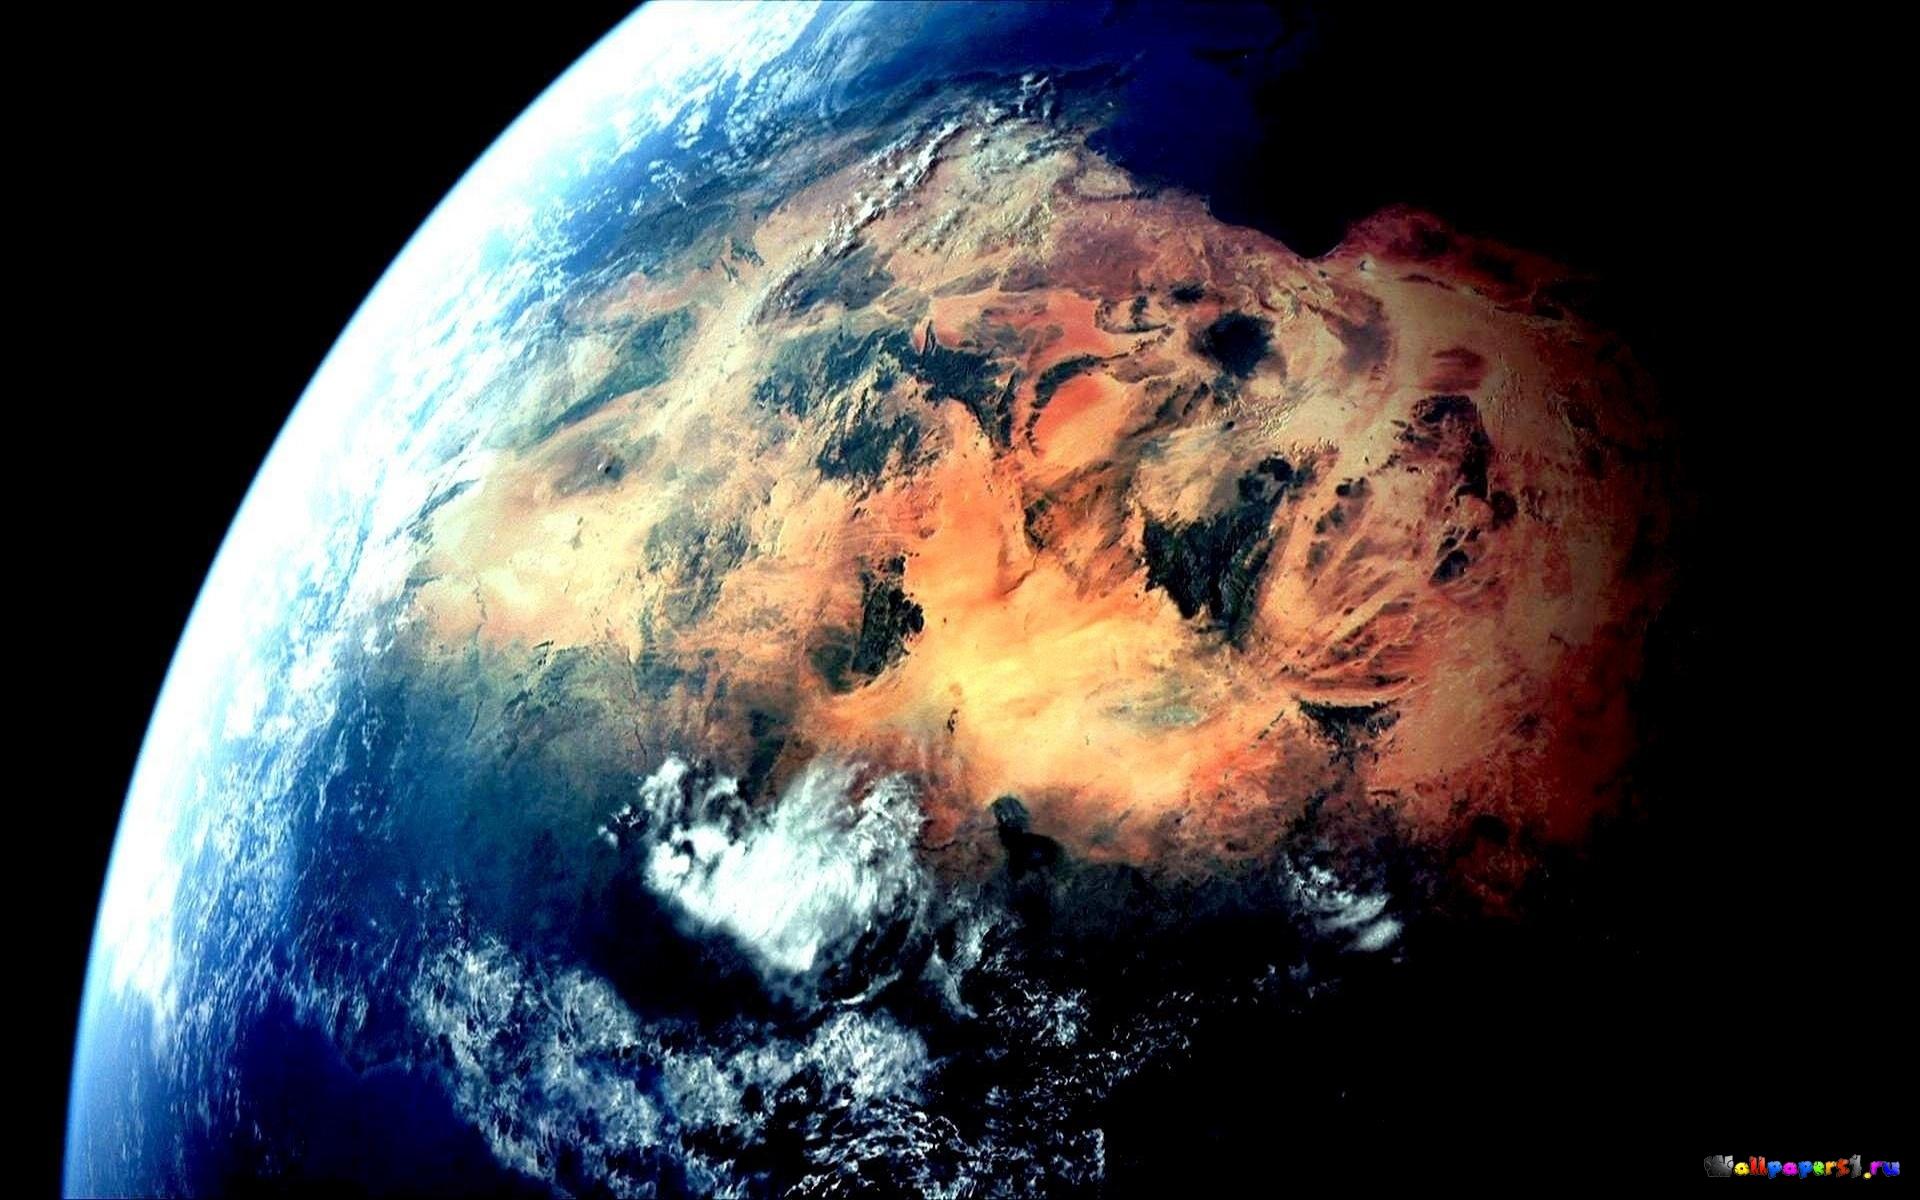 Обои Земля из космоса картинки на рабочий стол на тему Космос - скачать скачать